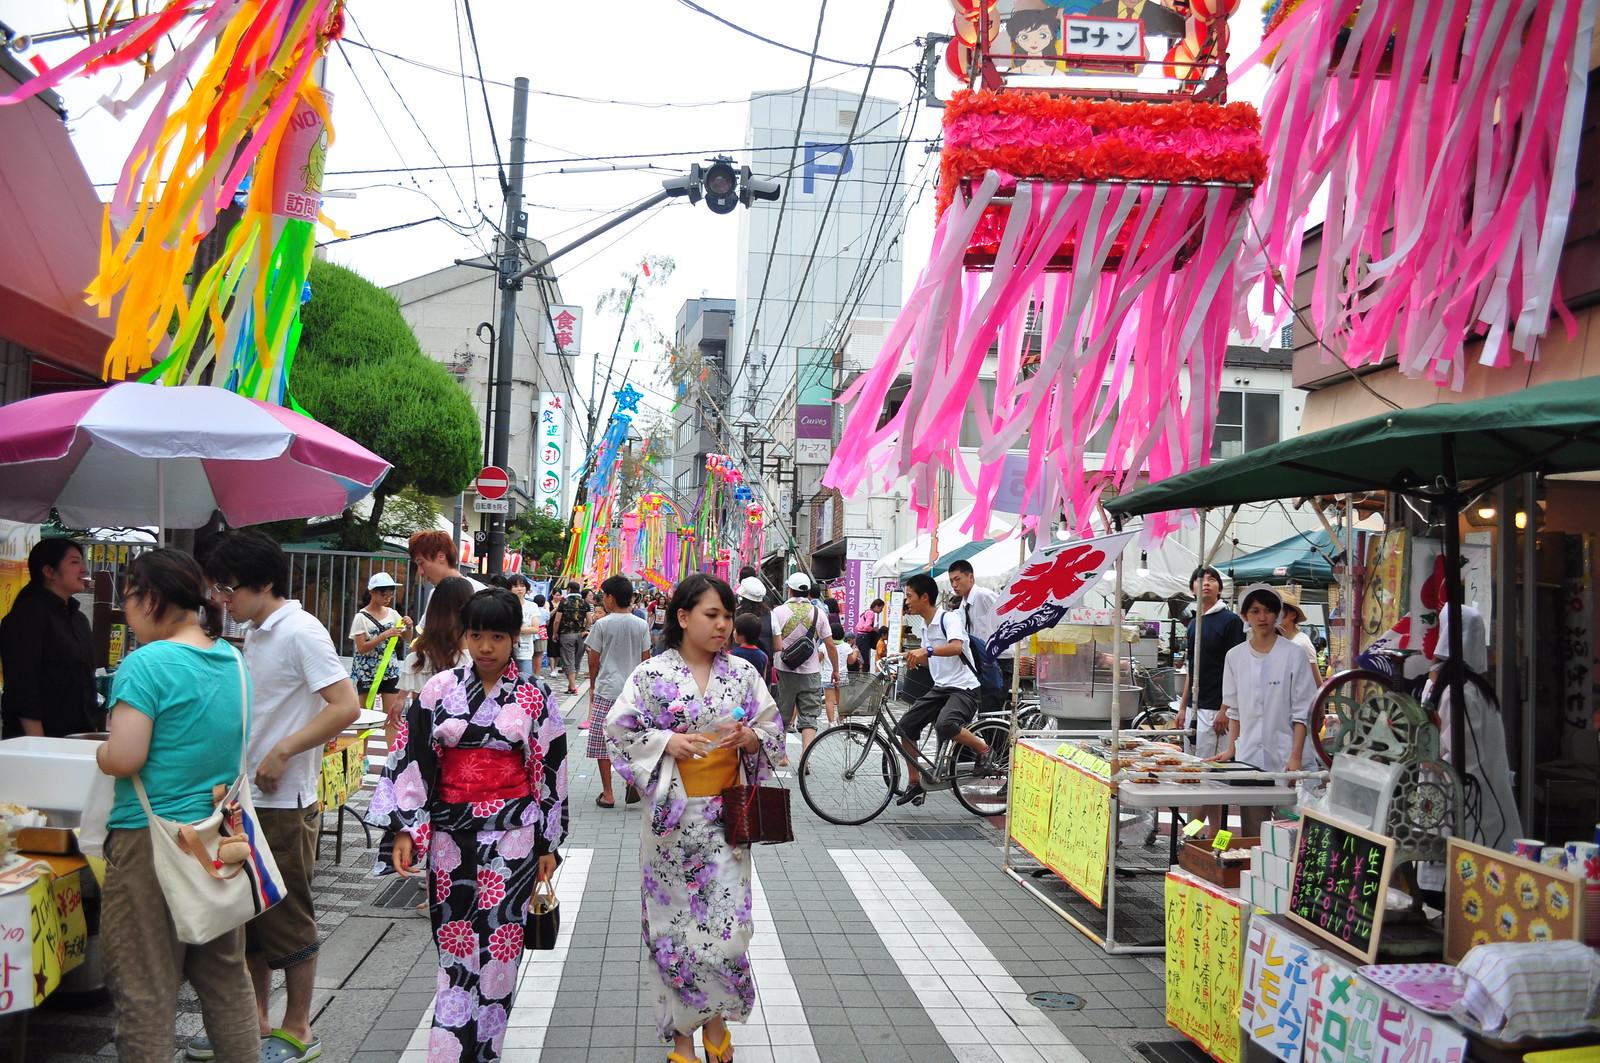 Fussa Tanabata 2015